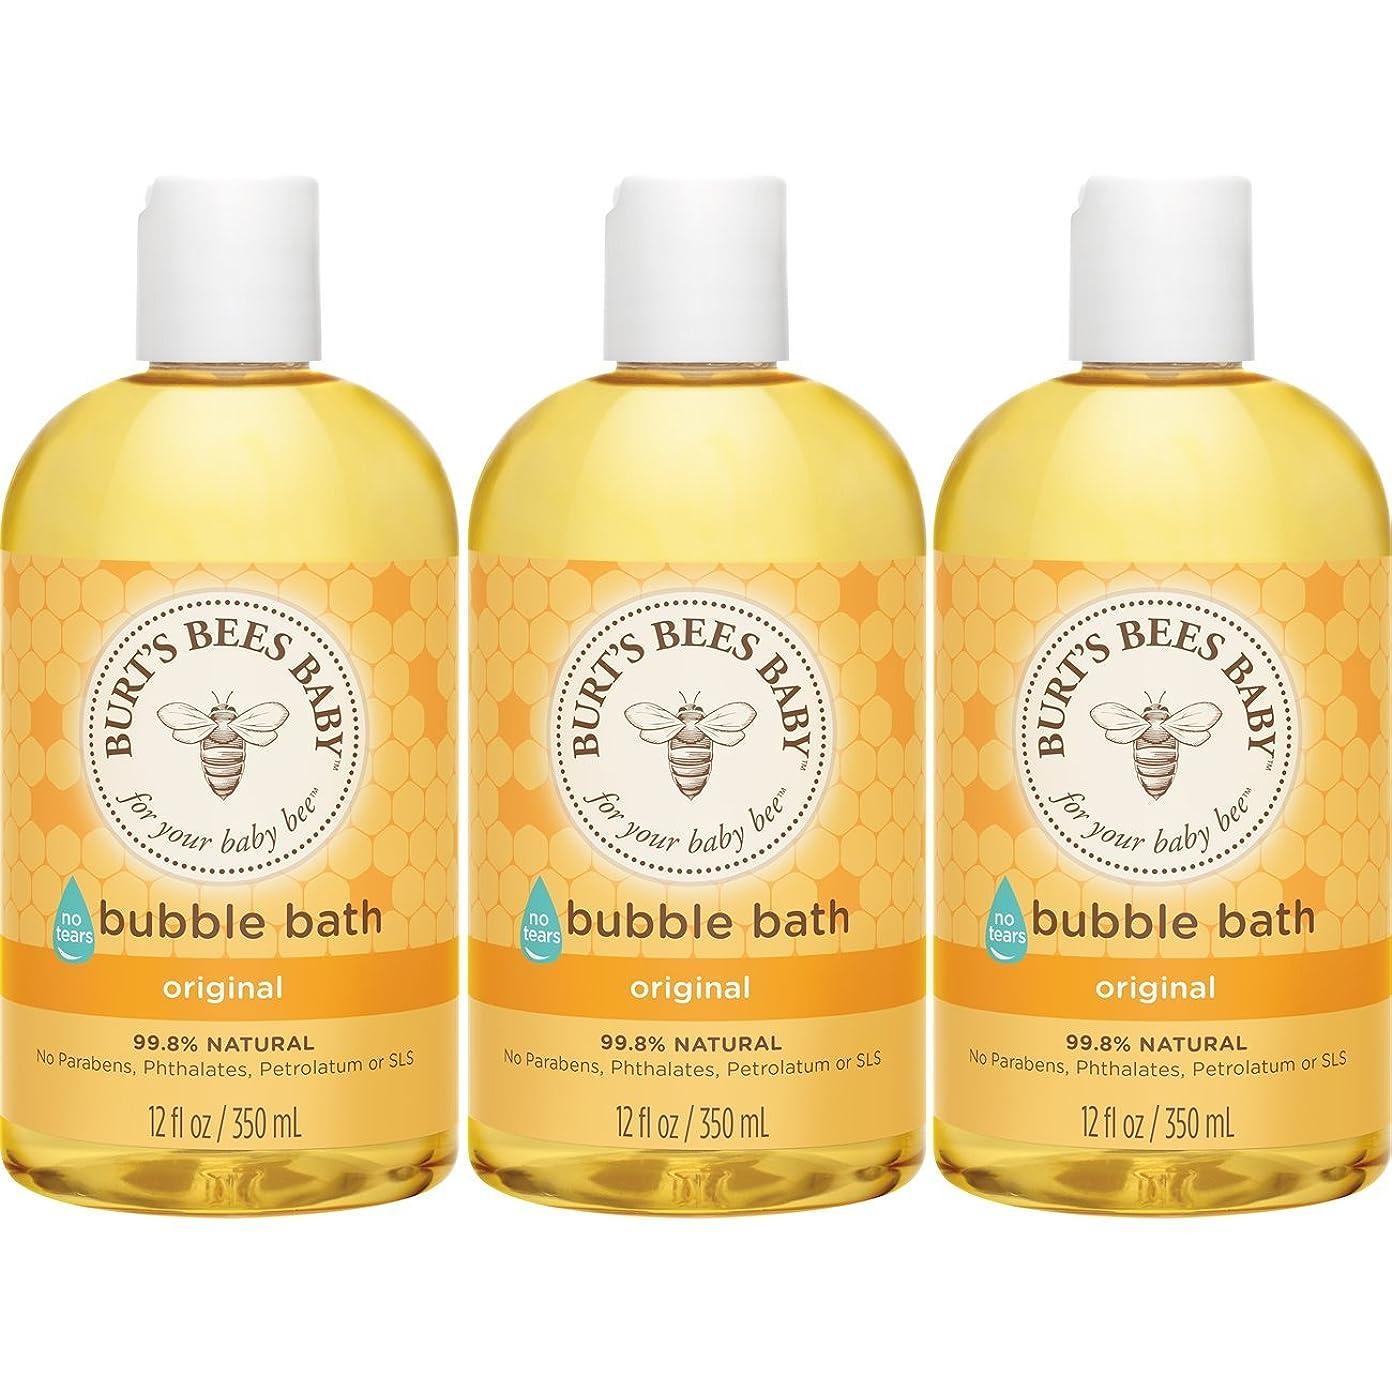 ハウジングあいまいな全国Burt's Bees Baby Bubble Bath, 12 Ounces (Pack of 3) (Packaging May Vary) by Burt's Bees